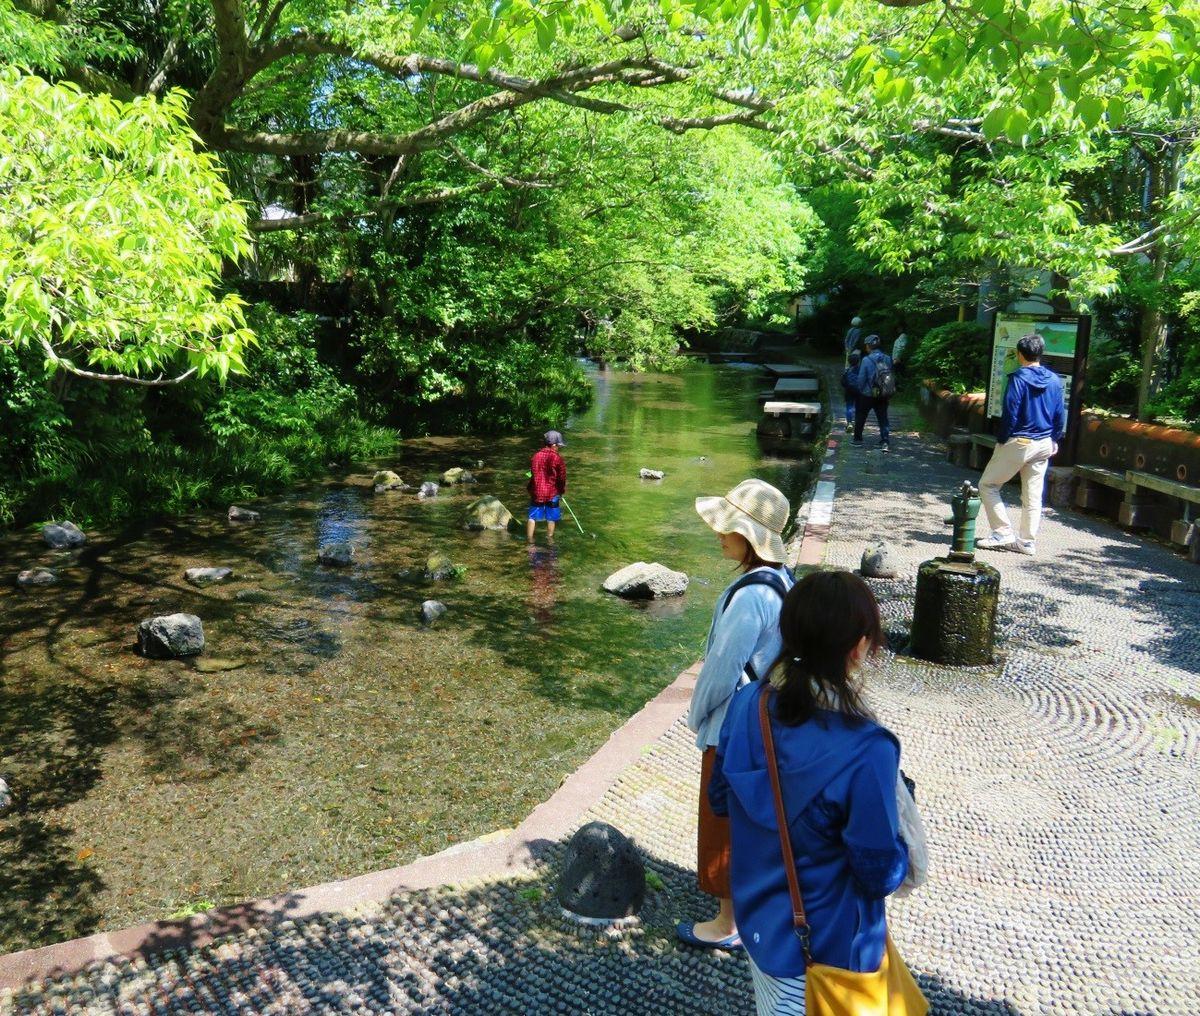 写真・図版 : 川幅が広くなり、水遊びにぴったりの一角。いつも親子連れなどでにぎわう(2018年、筆者撮影)